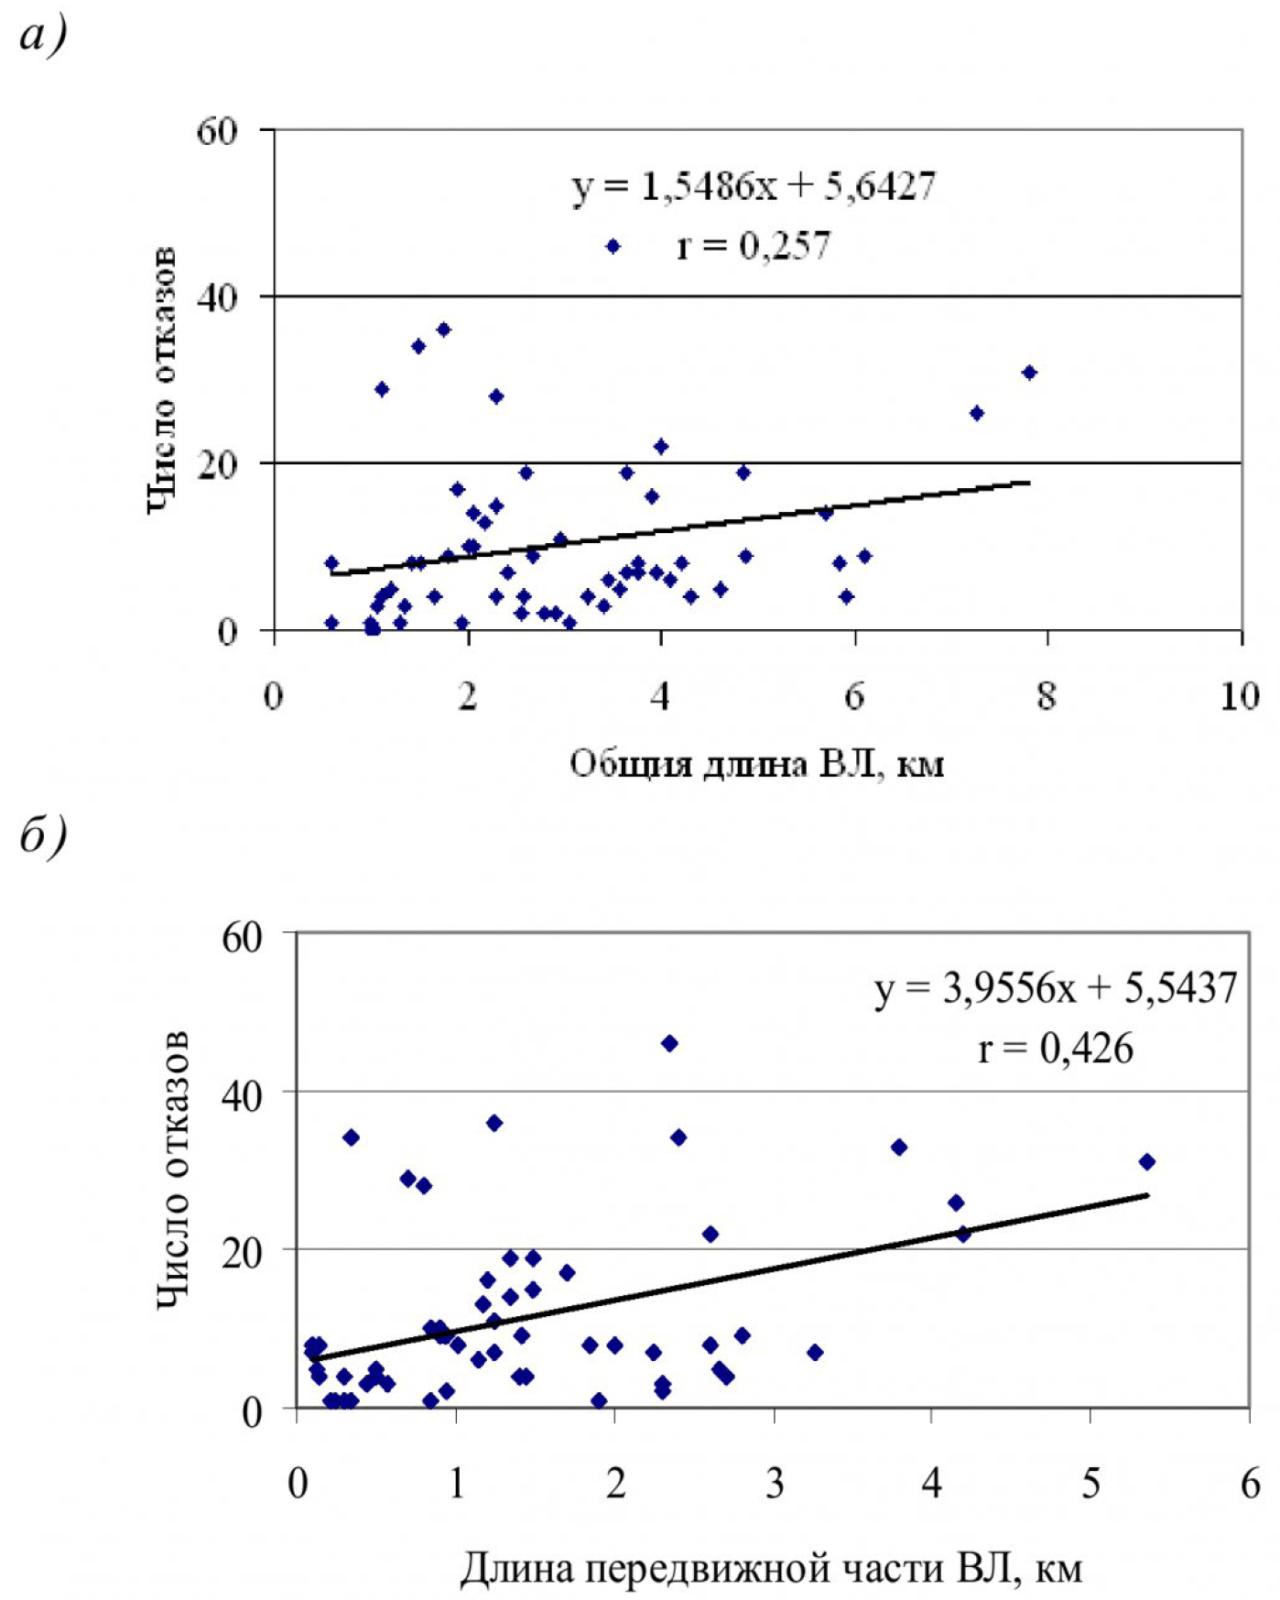 Влияние конструктивных и технико-эксплуатационных факторов на надежность воздушных линий электропередачи угольных разрезов 4